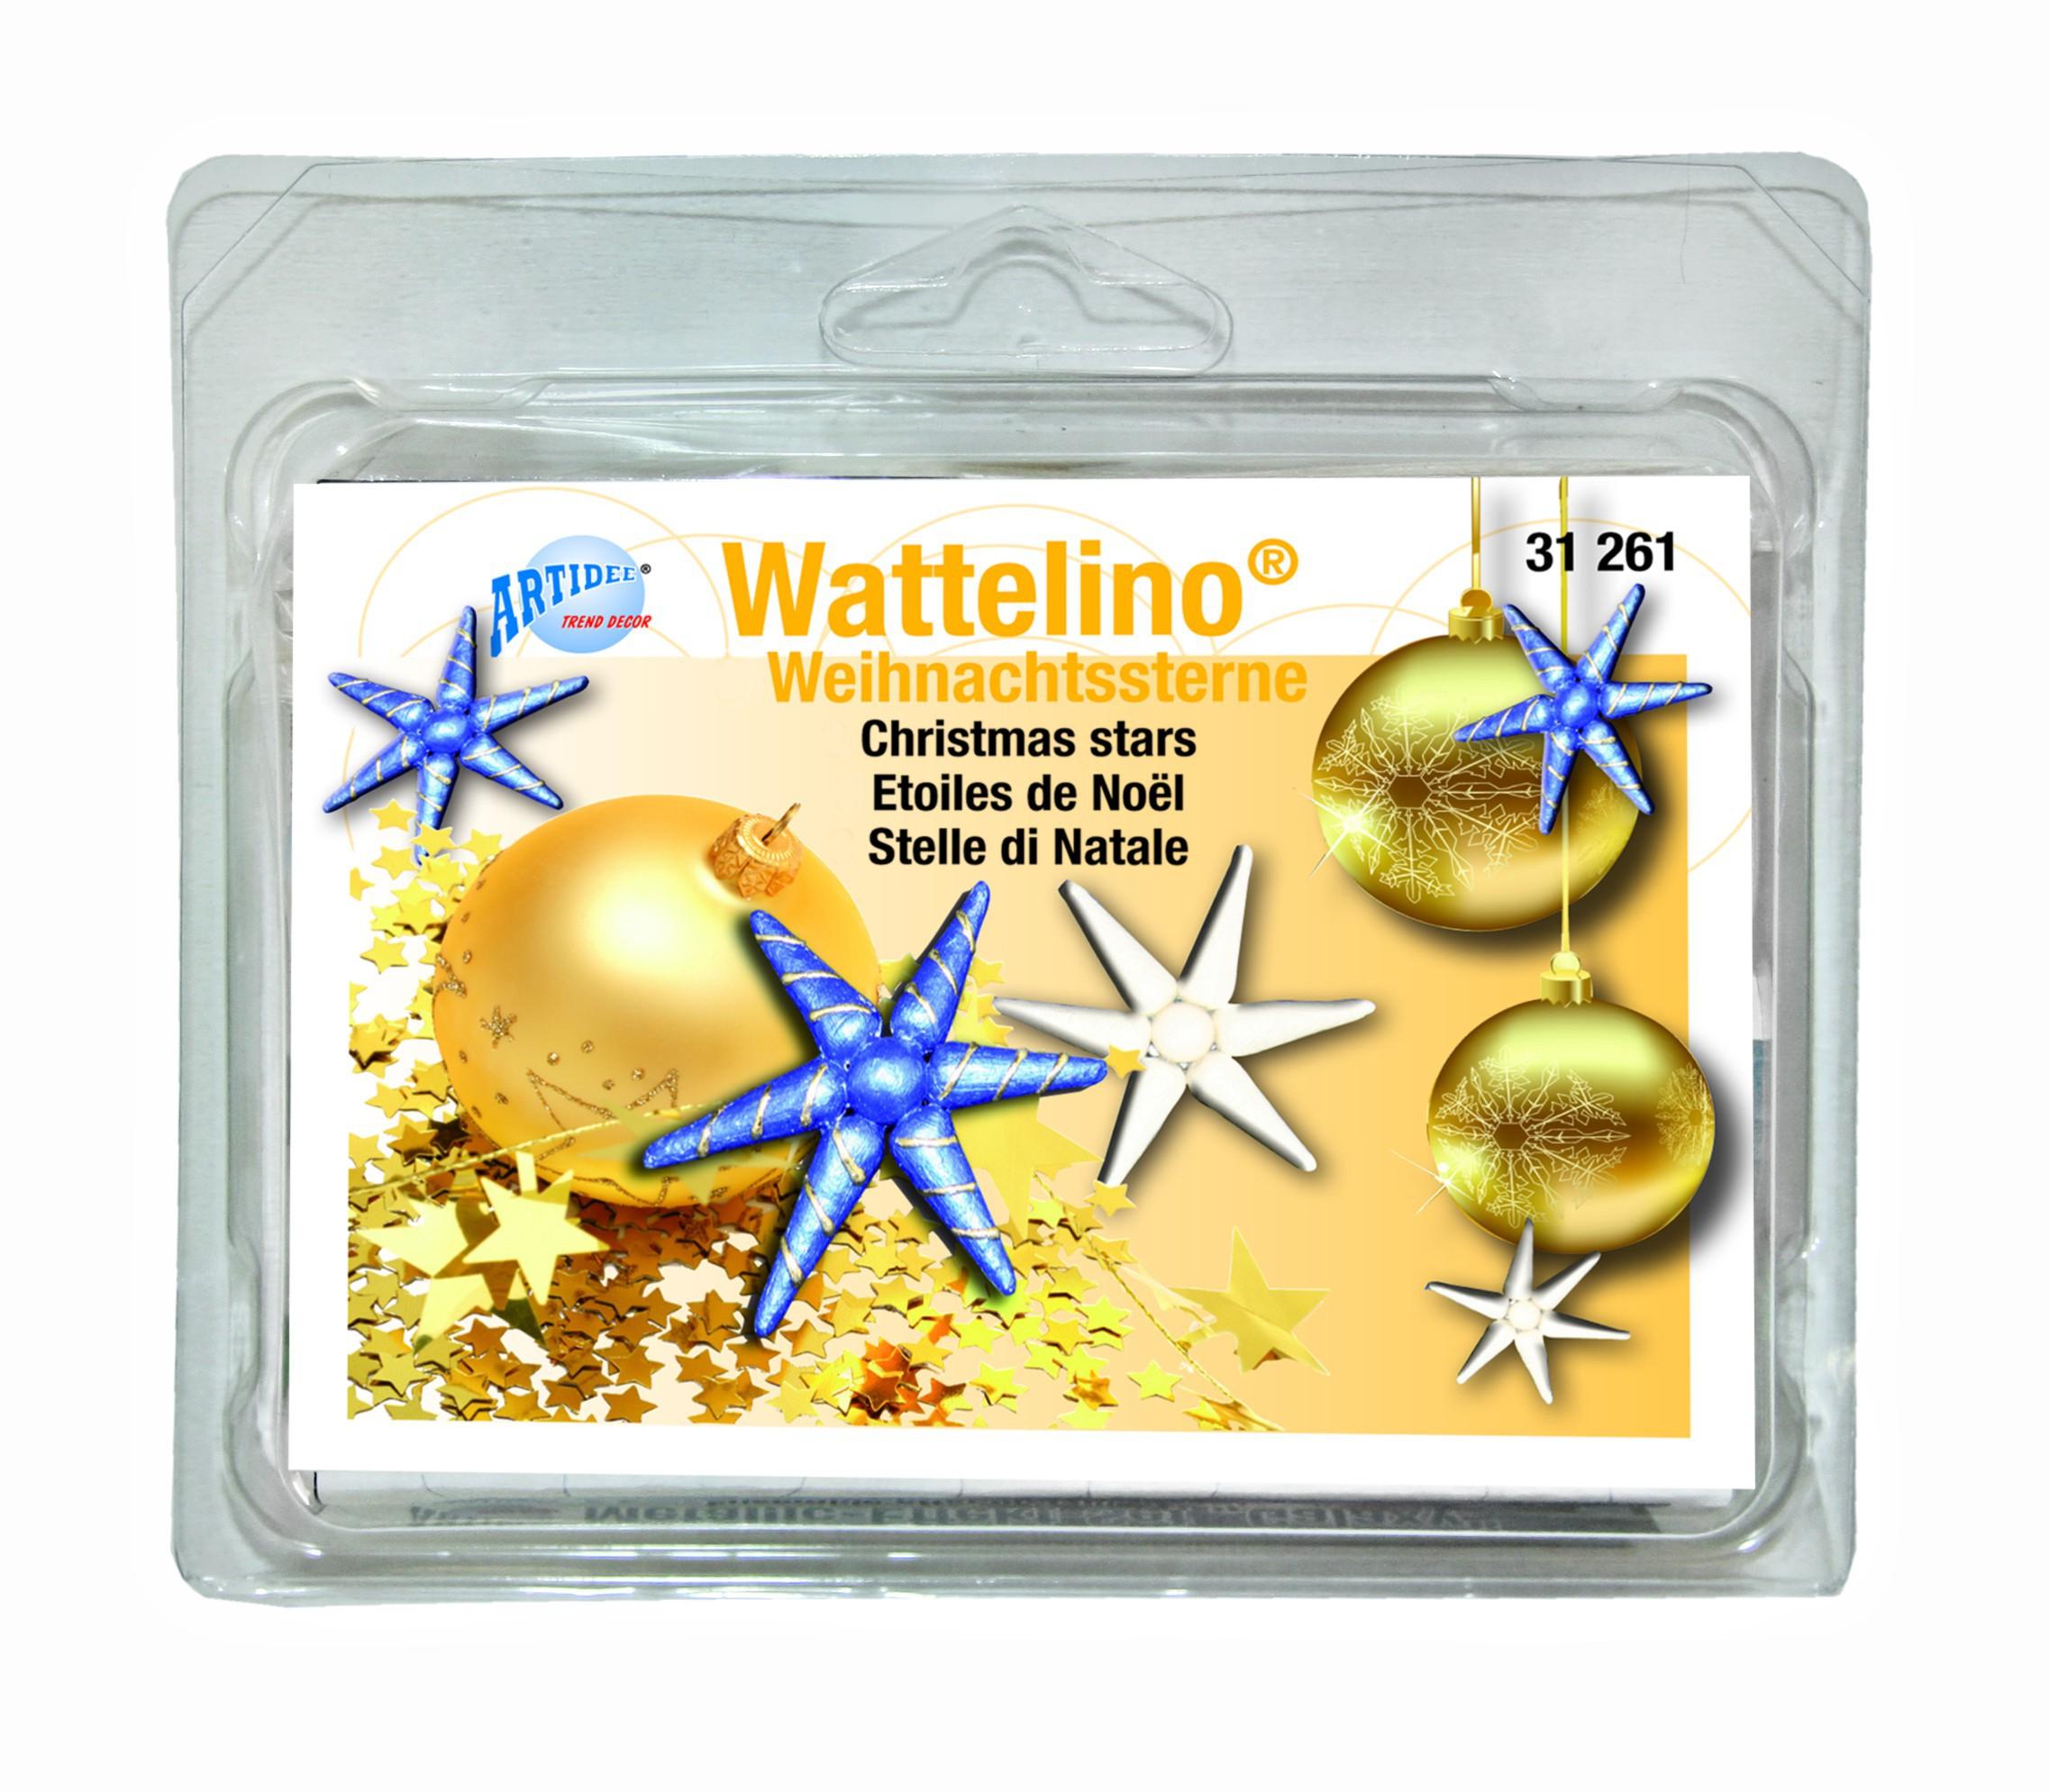 CREARTEC Wattelino - Weihnachtsterne die dekorativen Christbaumsterne zum selber Basteln